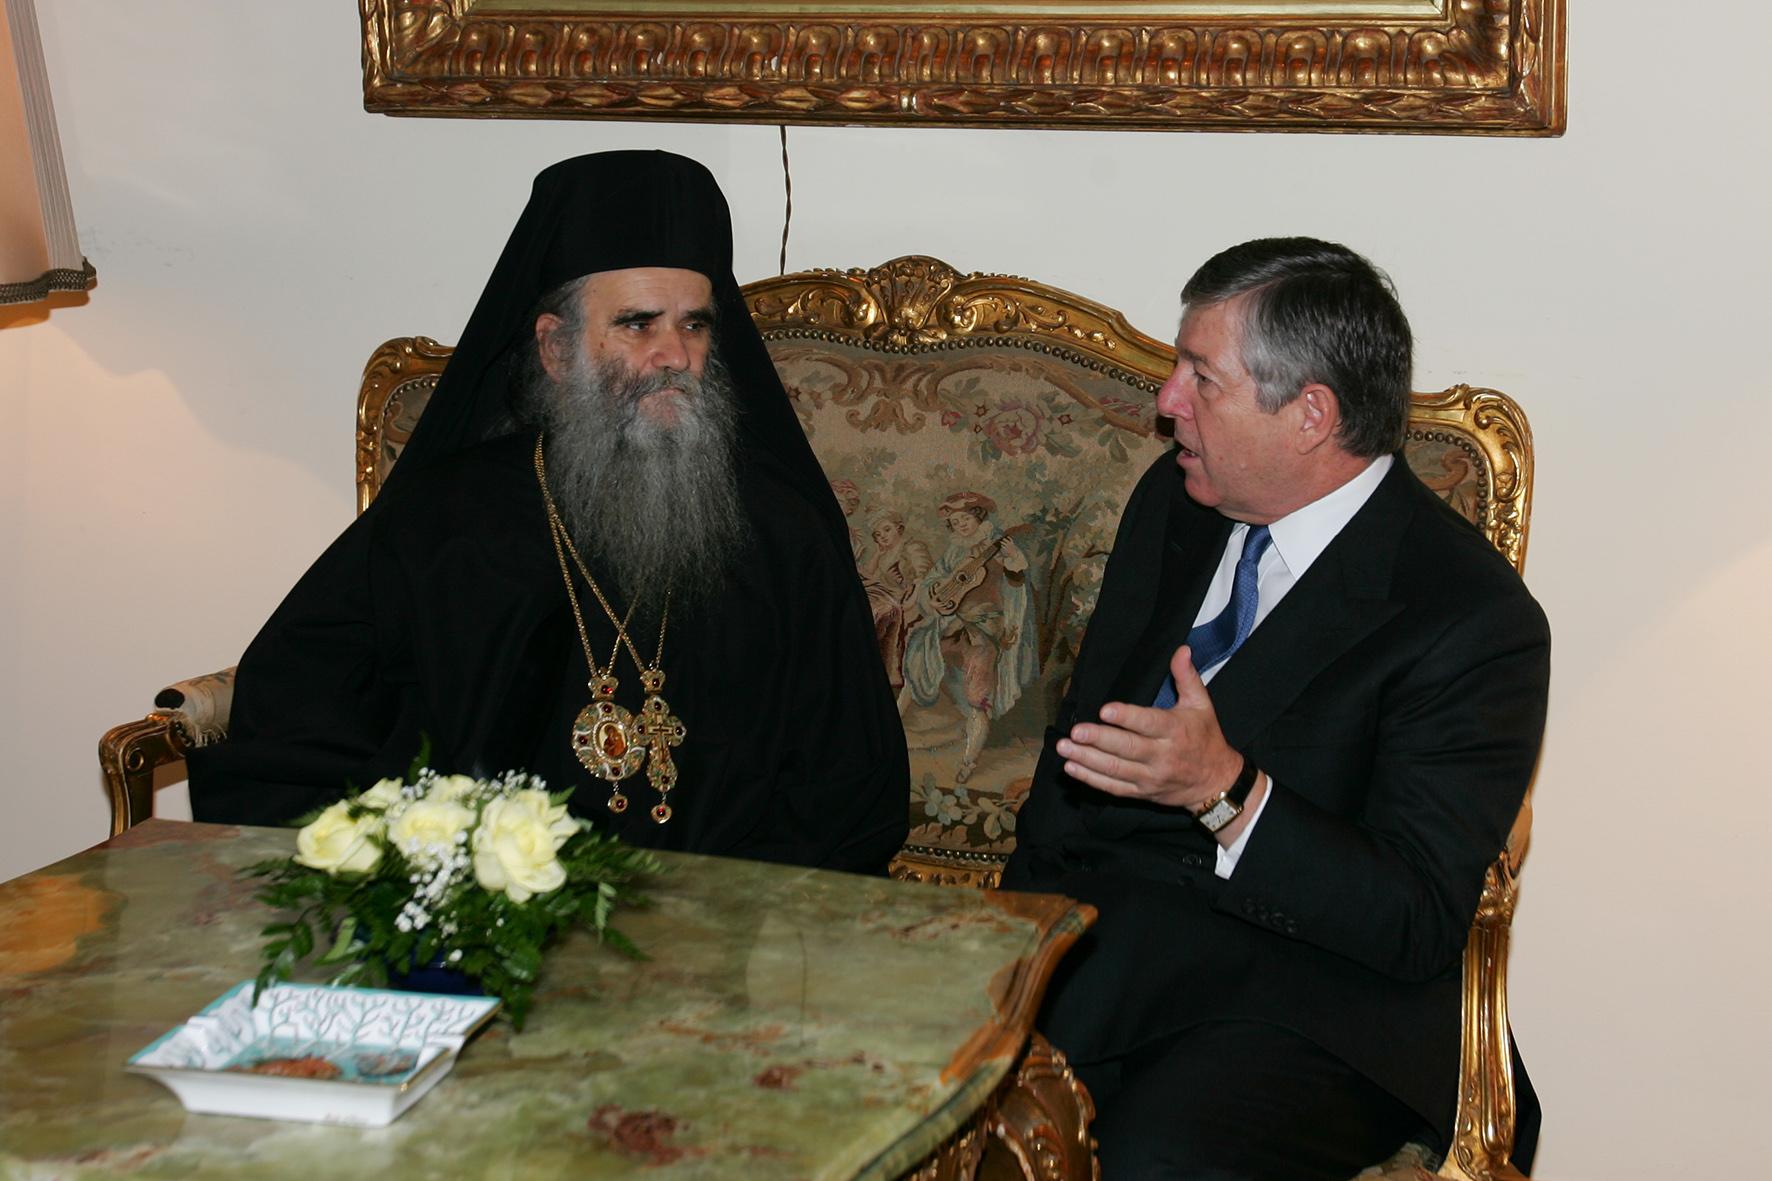 Њ.К.В. Престолонаследник Александар са покојним Митрополитом црногорско-приморским Амфилохијем